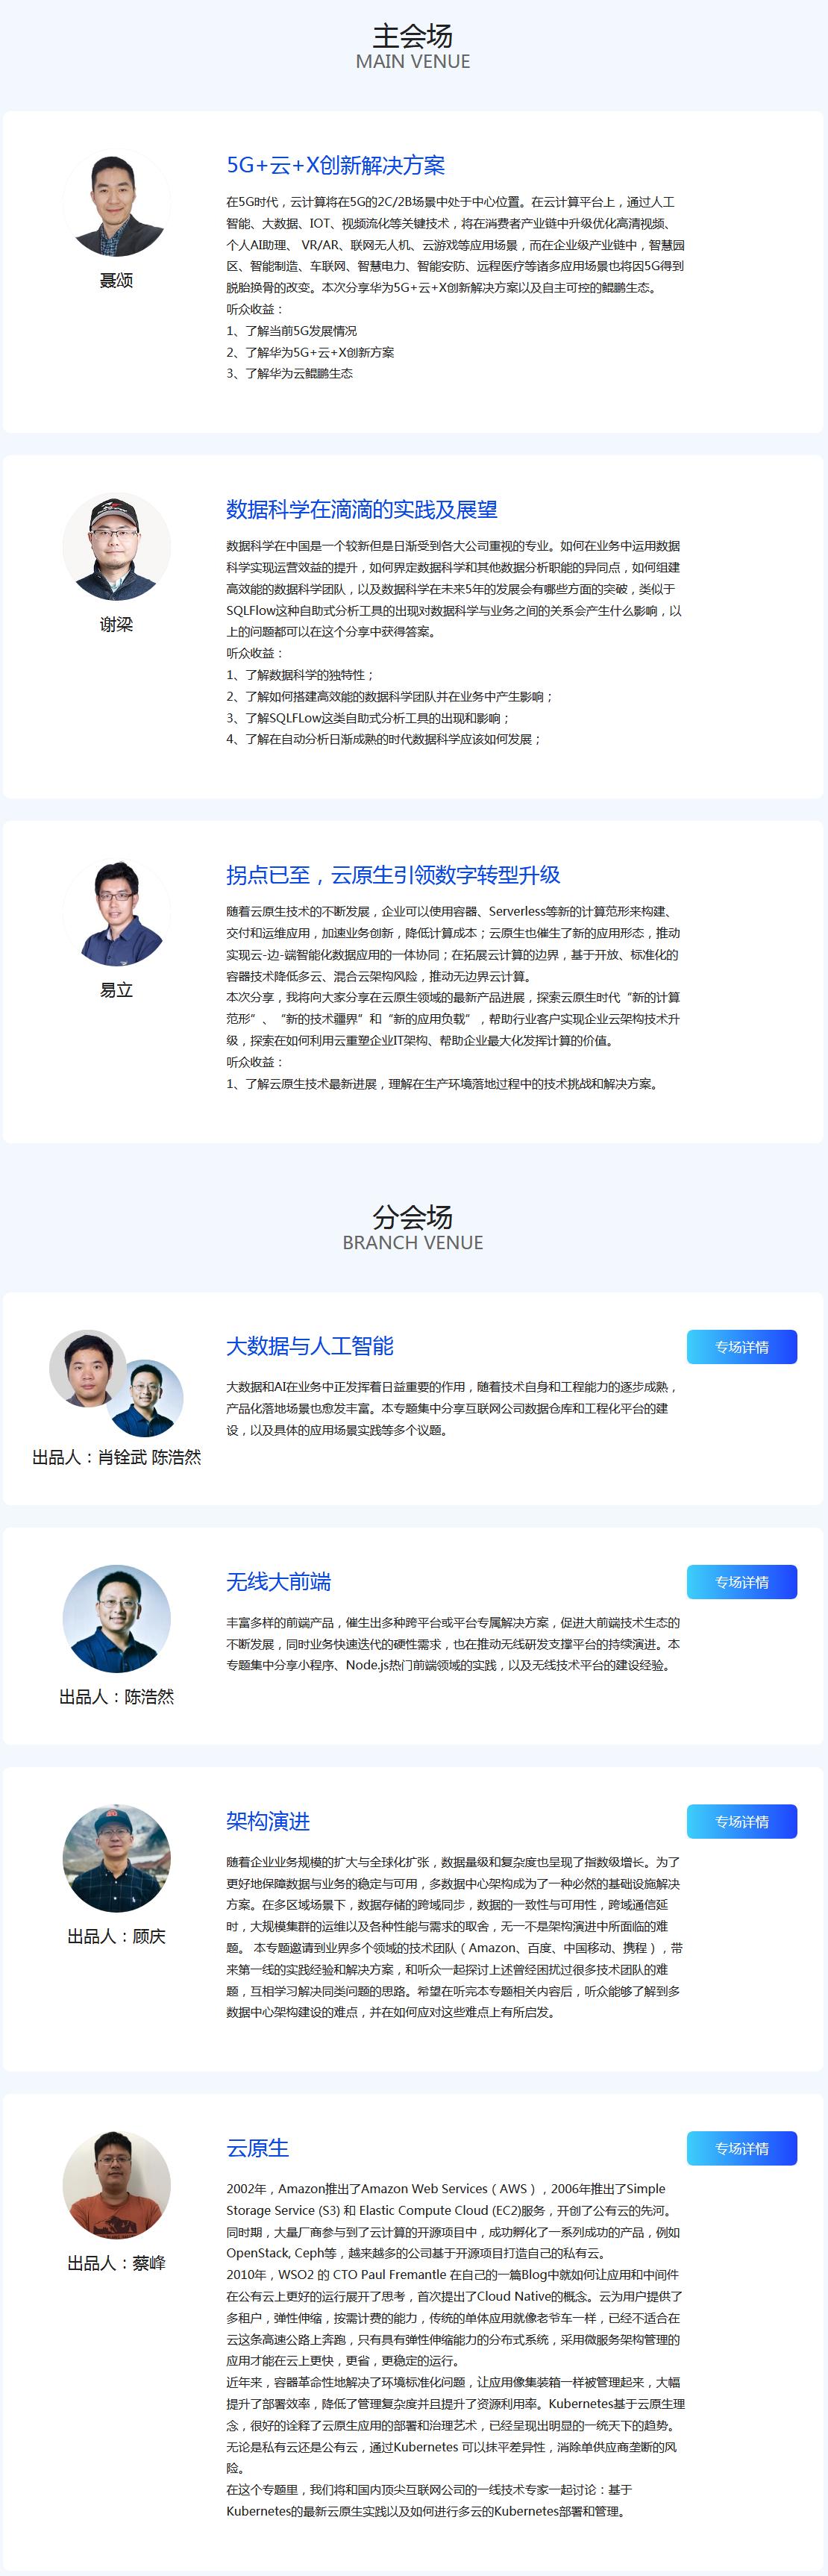 2019攜程技術峰會